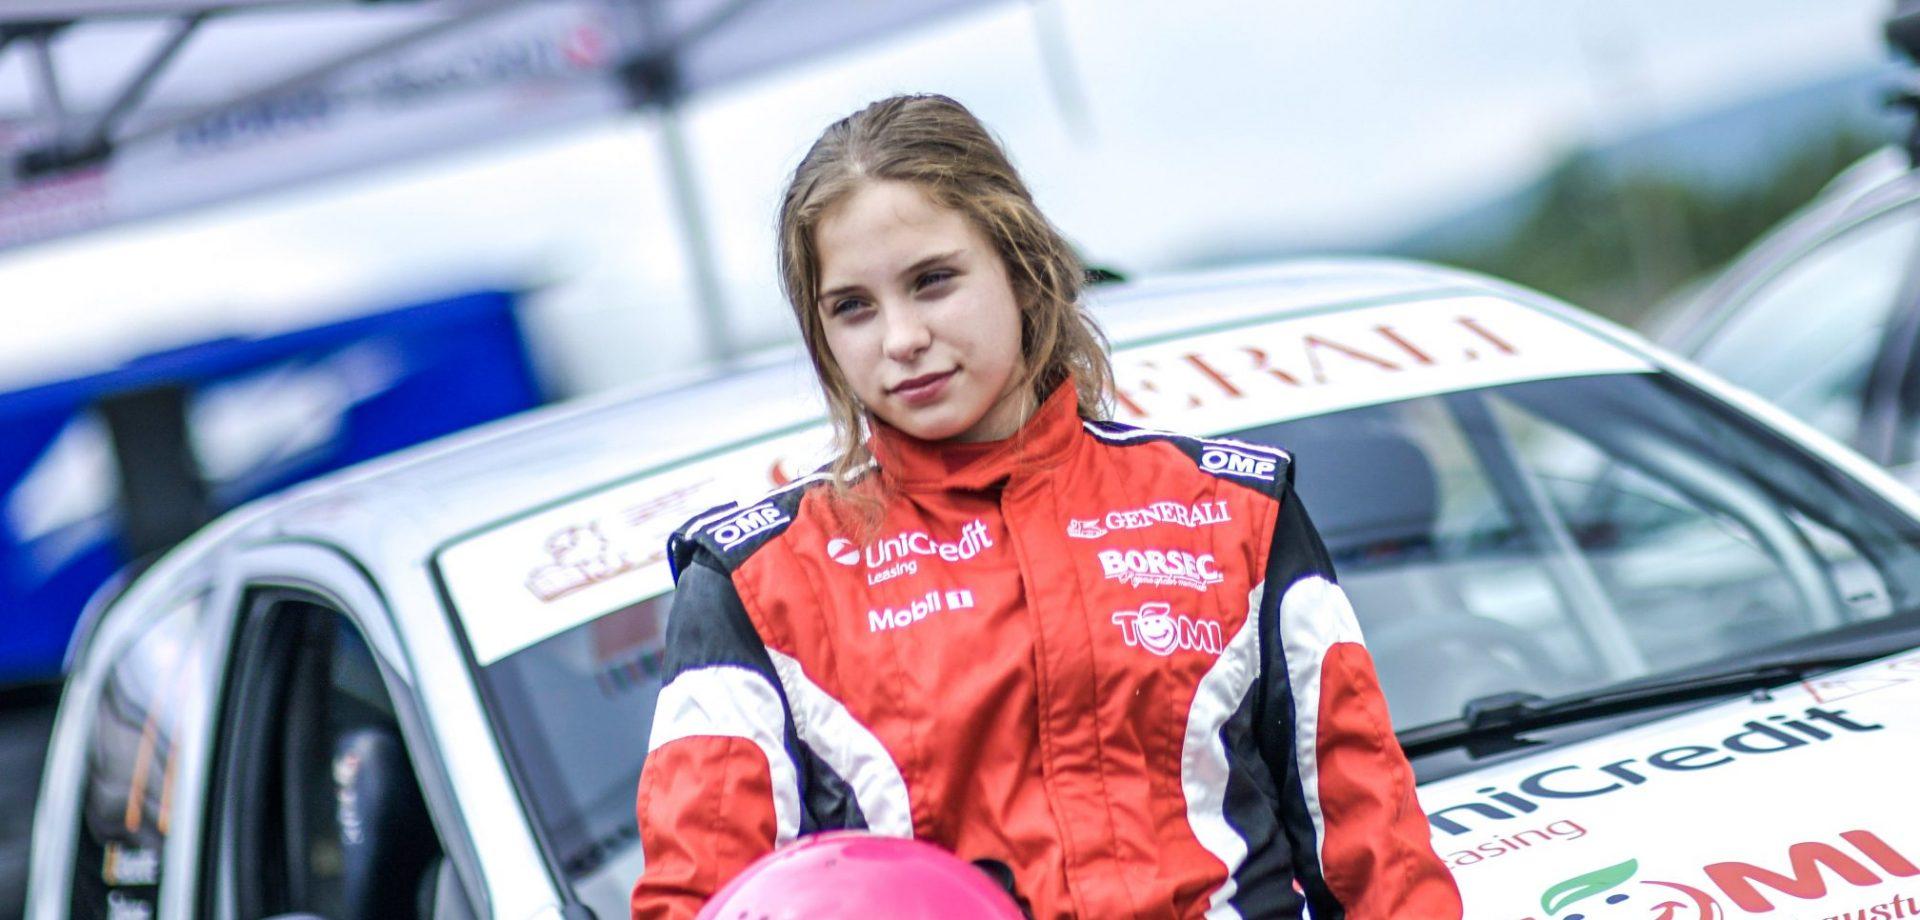 Vești bune în acest weekend: Alexandra Teslovan începe colaborarea cu Edwin Keleti Driving & Motorsport